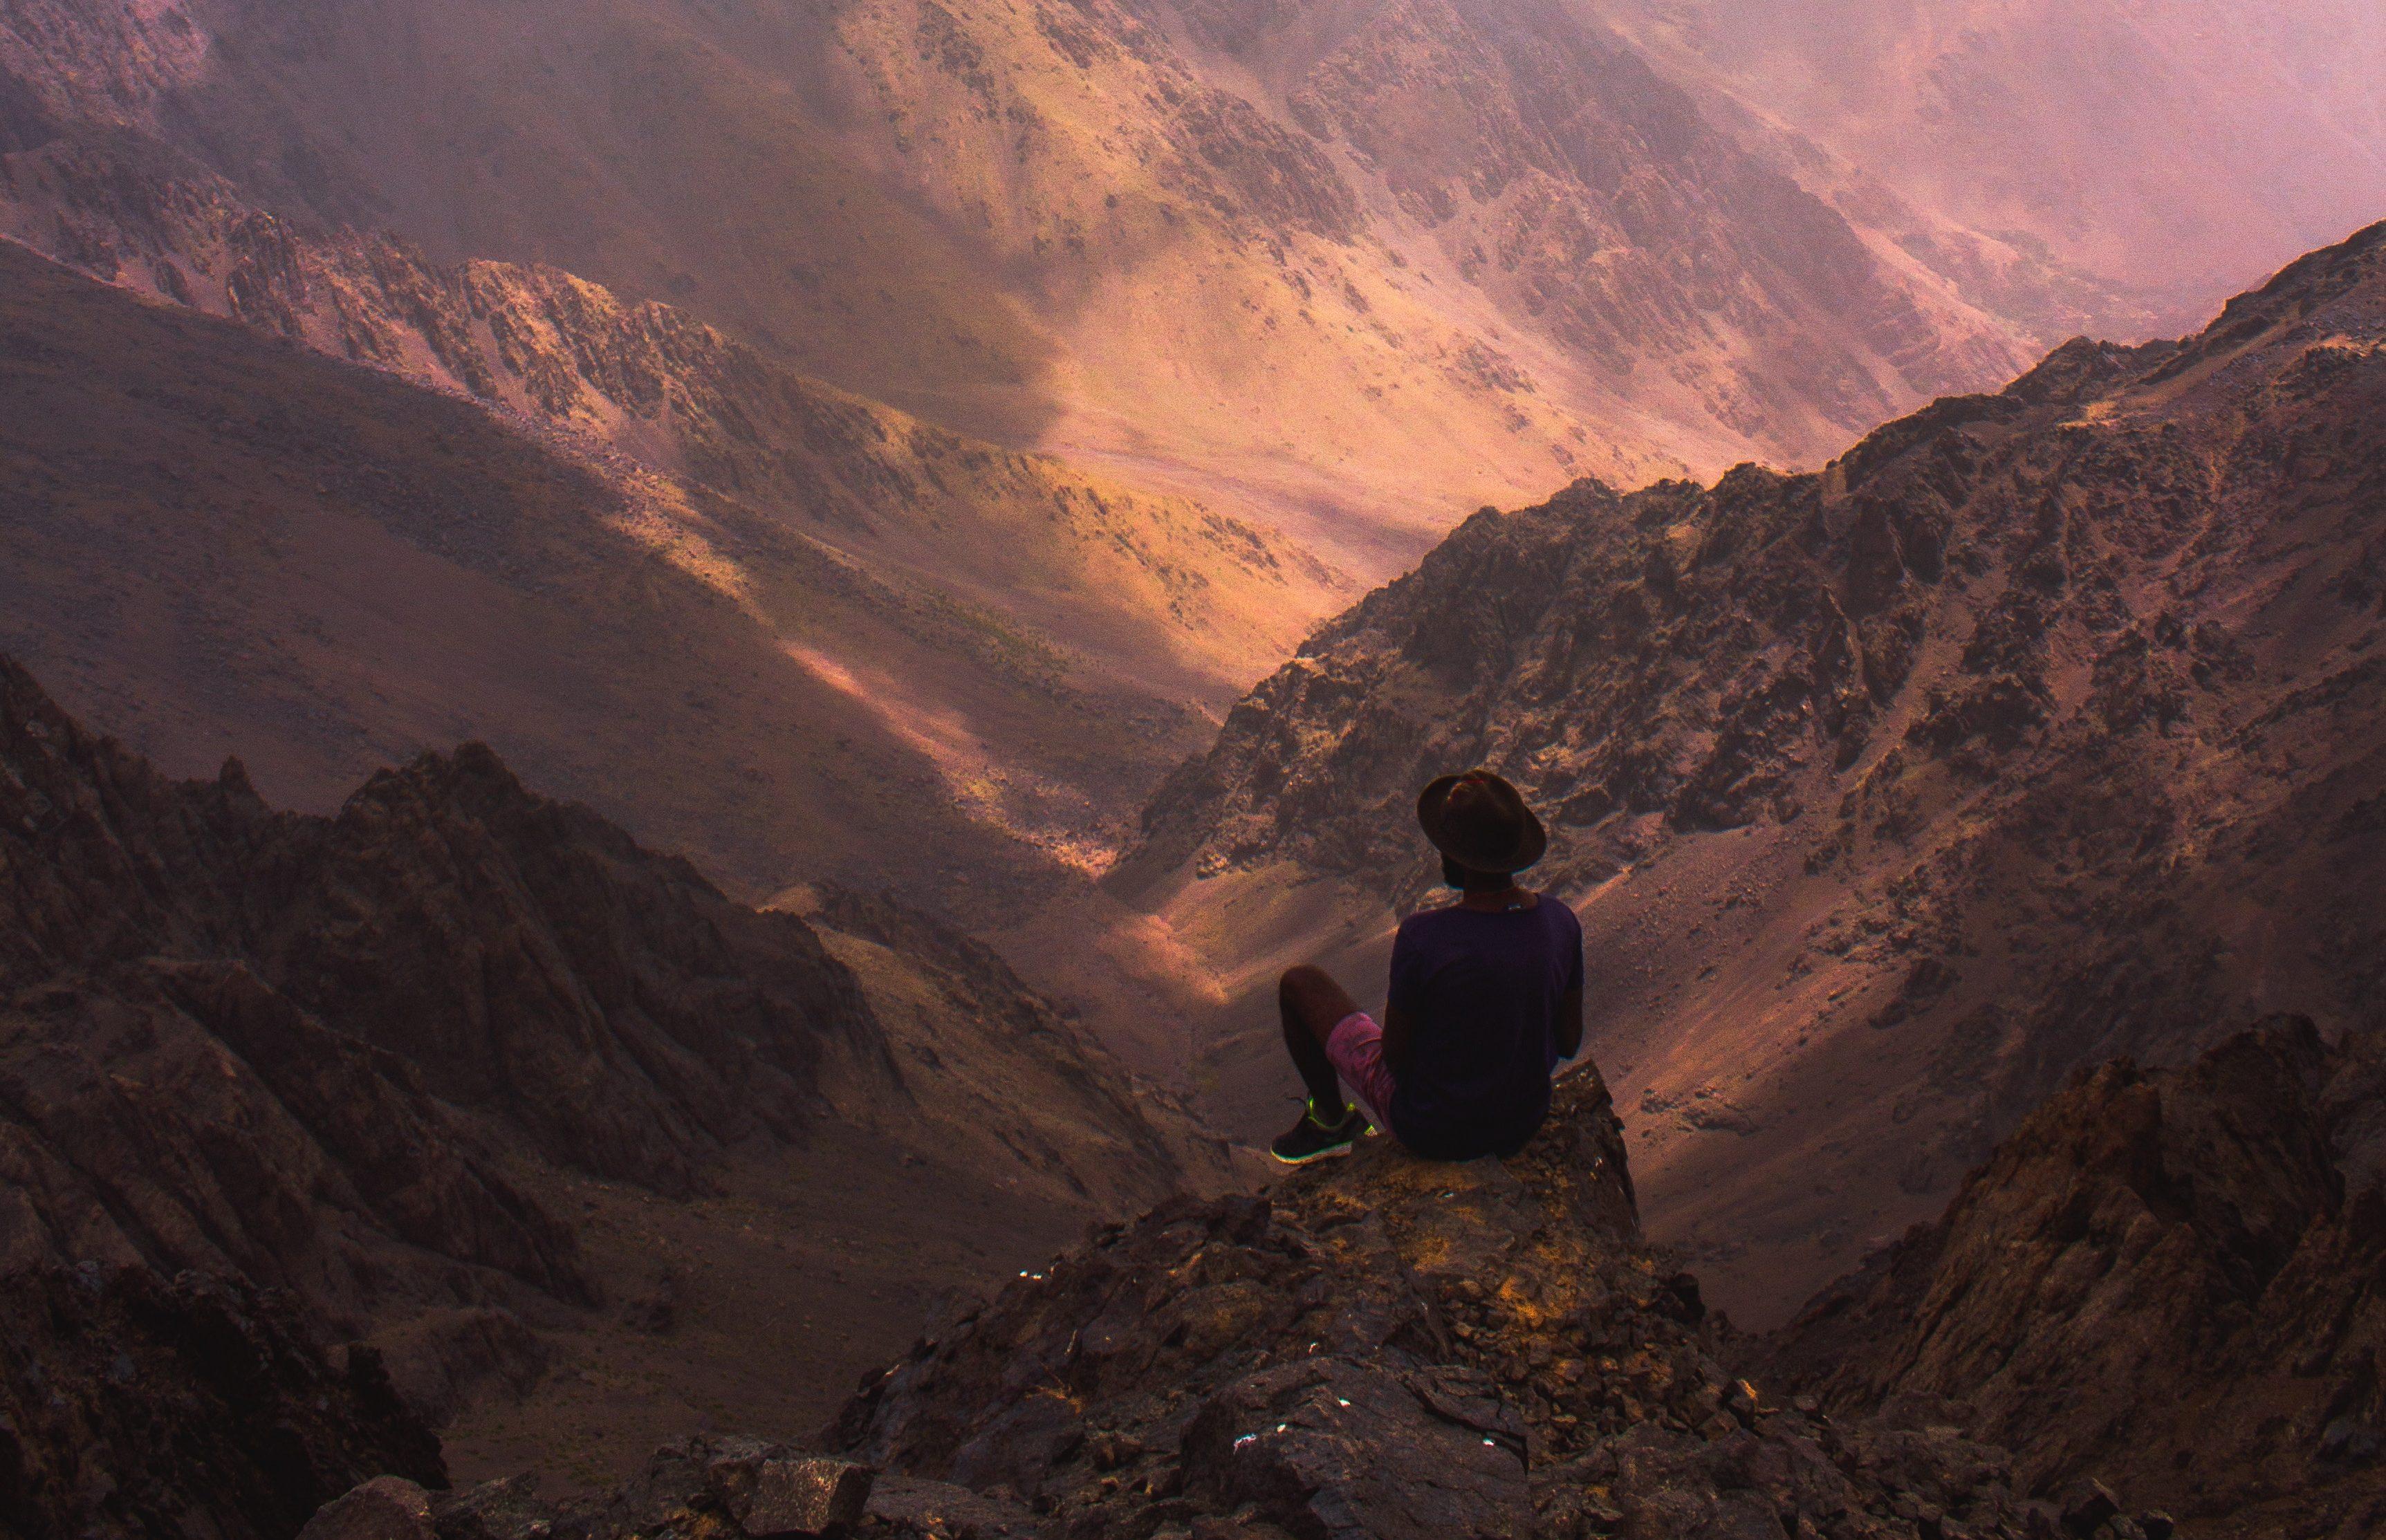 mount toubkal - mountain climbing holidays